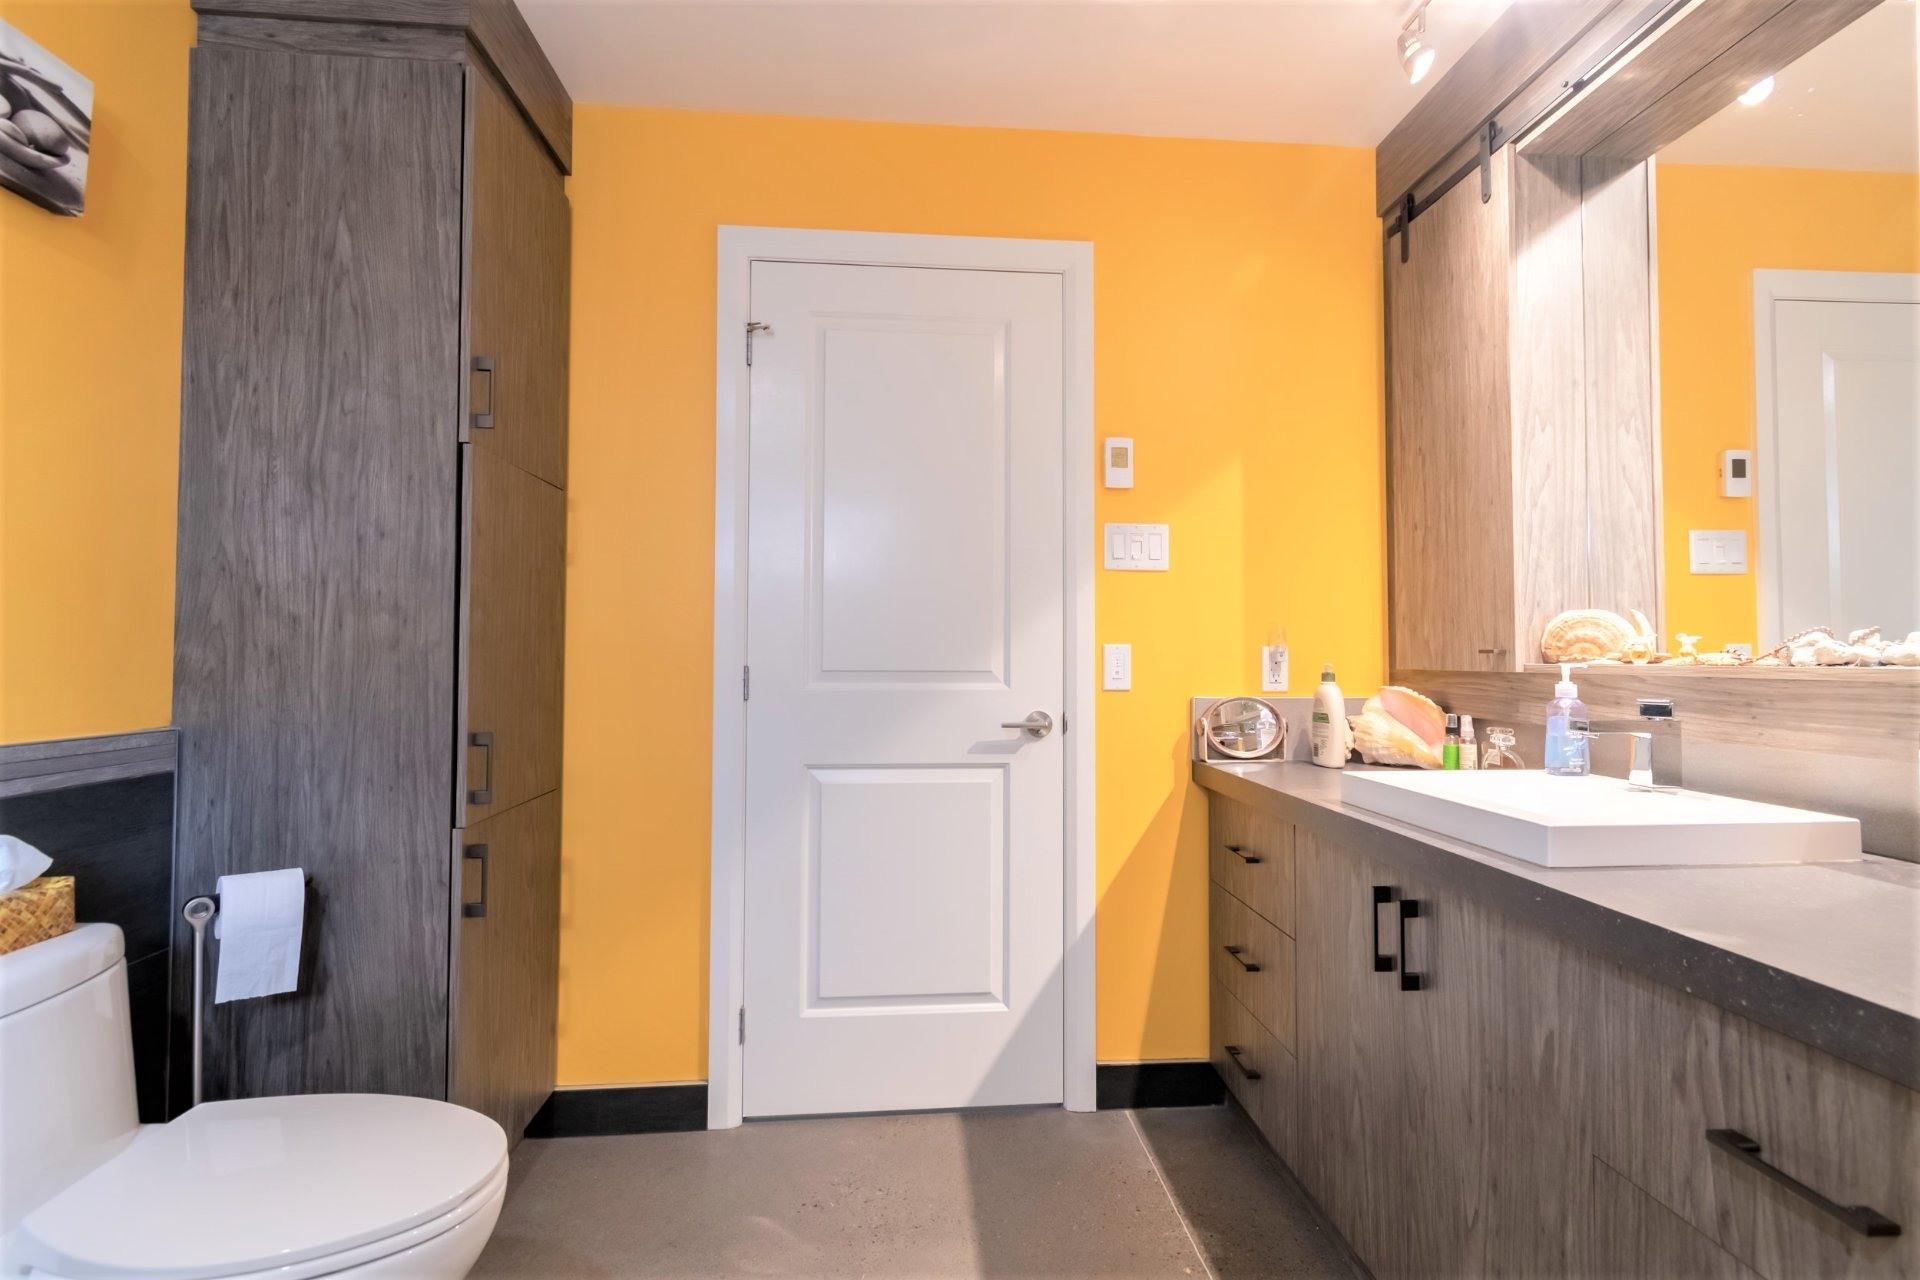 image 18 - Maison À vendre Trois-Rivières - 8 pièces